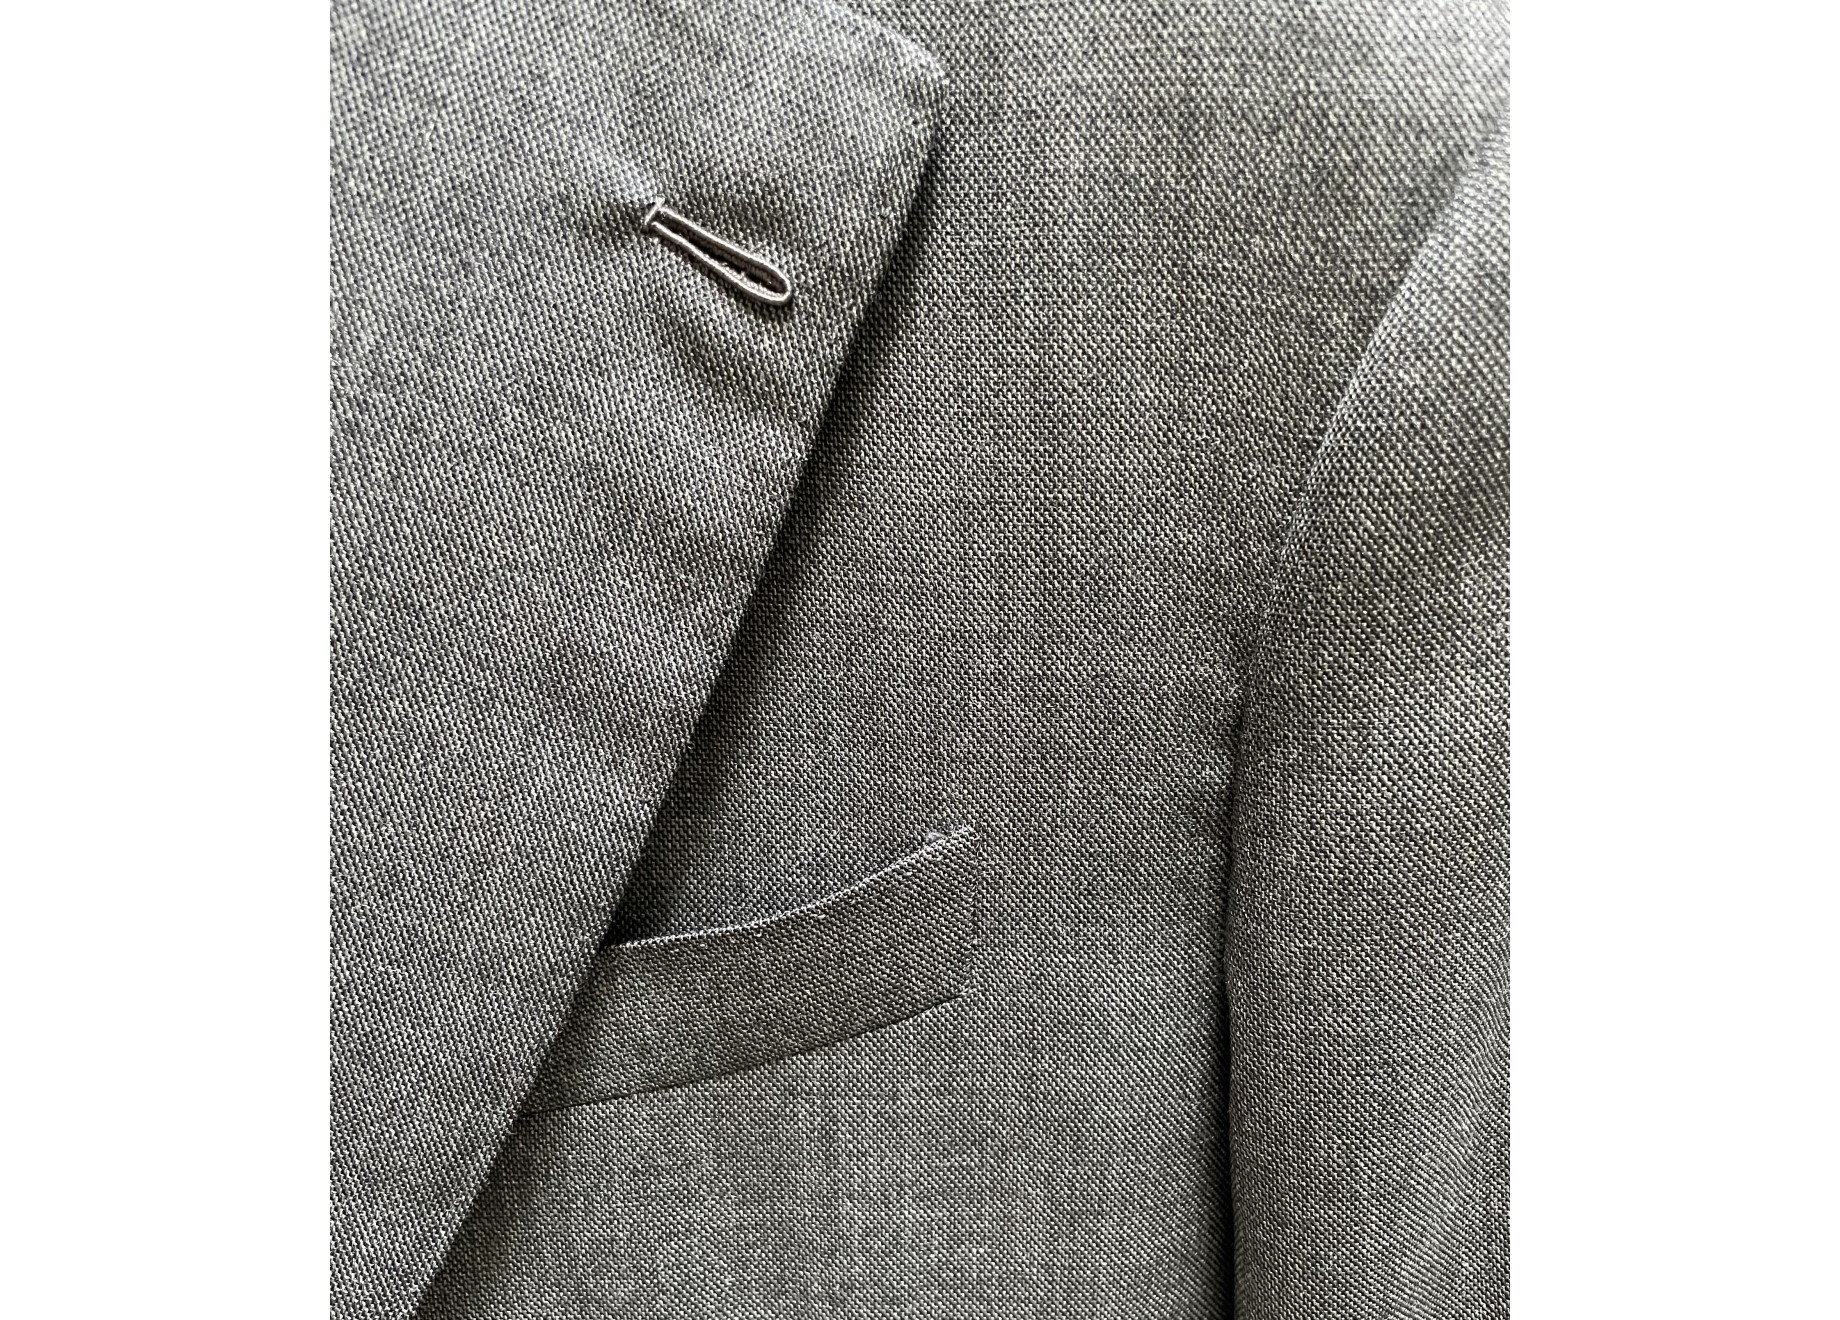 … Encore du gris, signé Holland & Sherry cette fois-ci. A noter que ce veston, contrairement au précédent, est surpiqué à la main, avec une technique de « point perdu ».